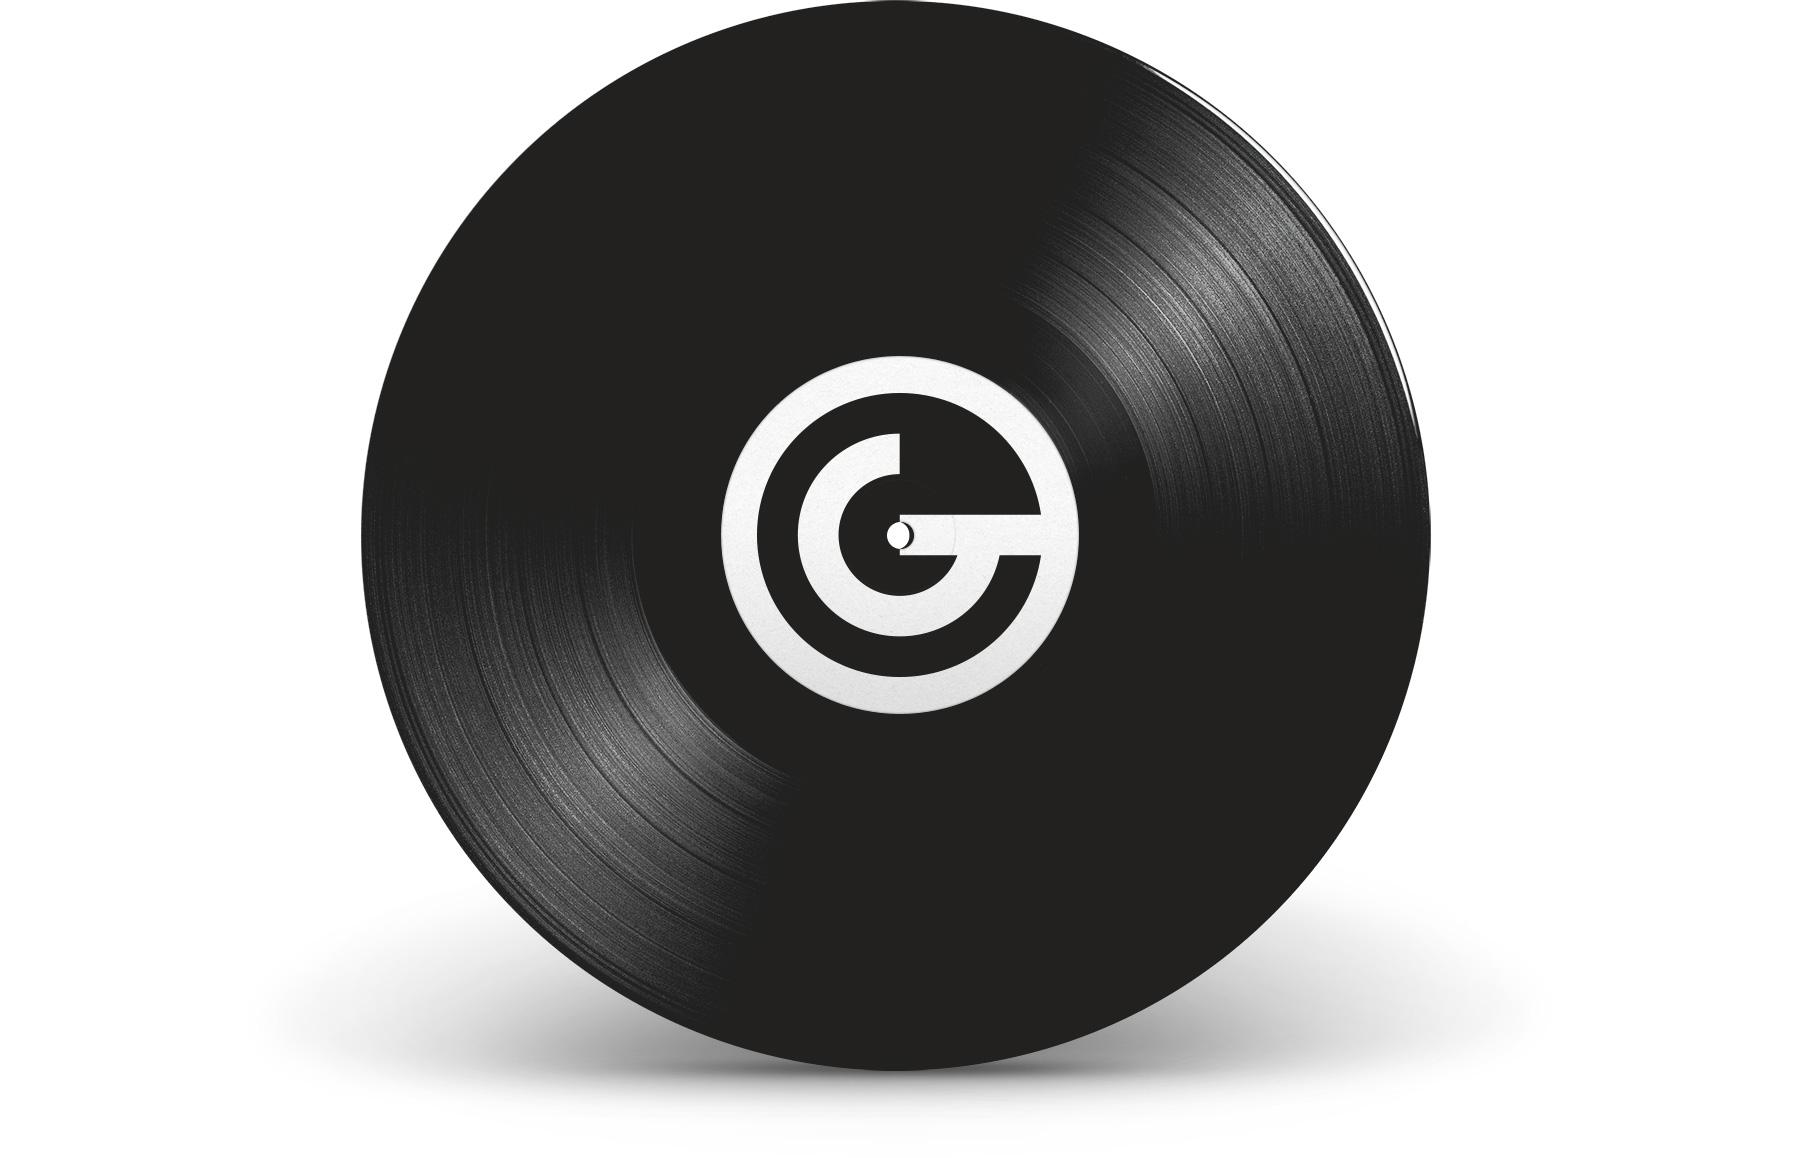 graphitune-logo-design-02